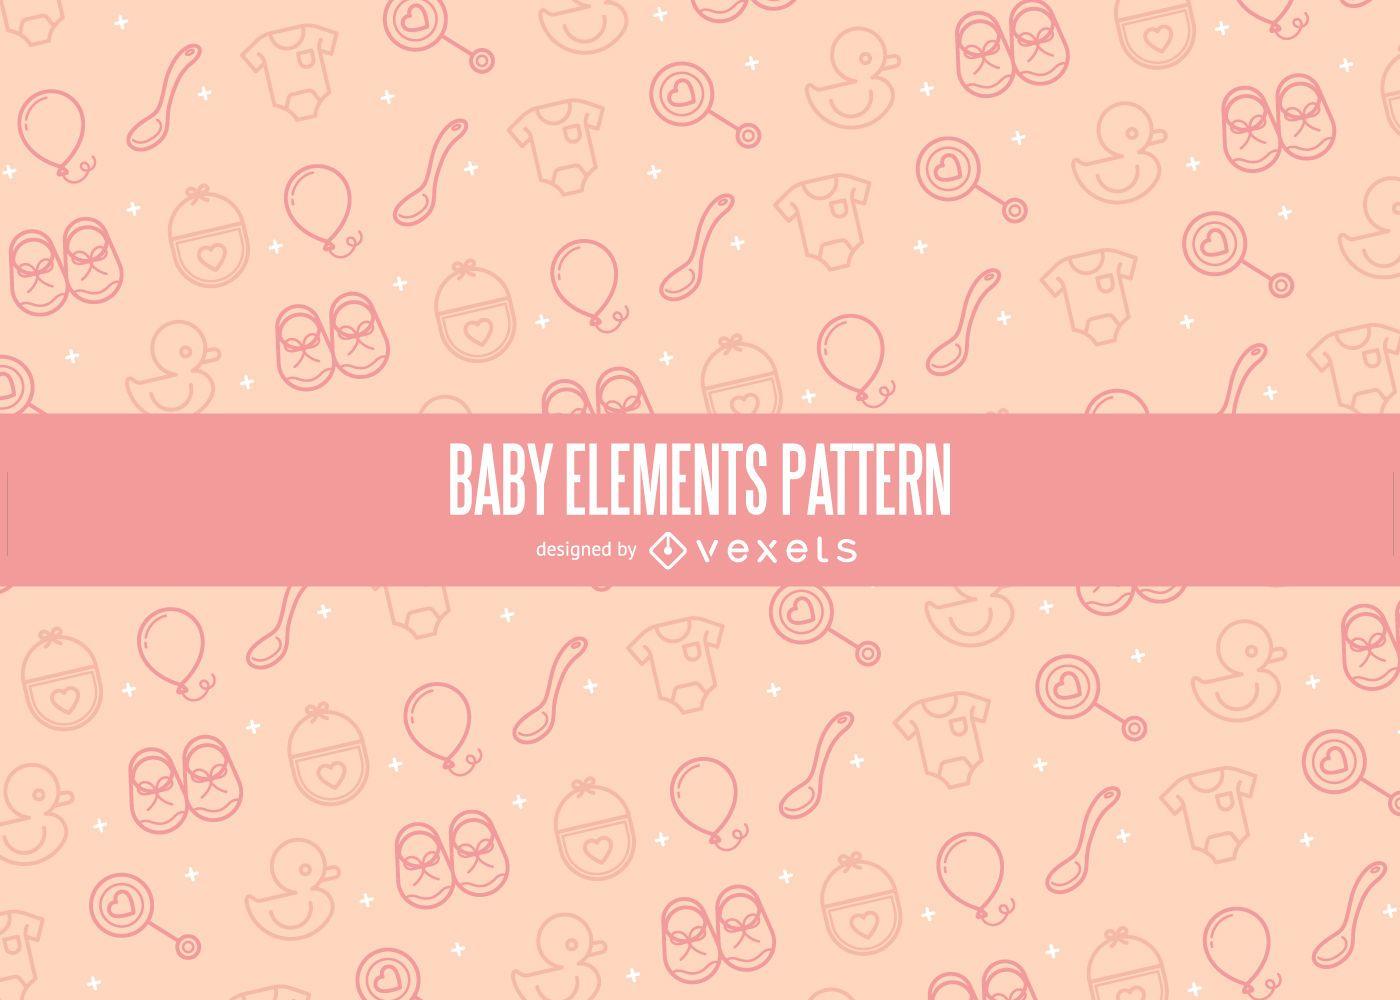 Stroke baby elements pattern